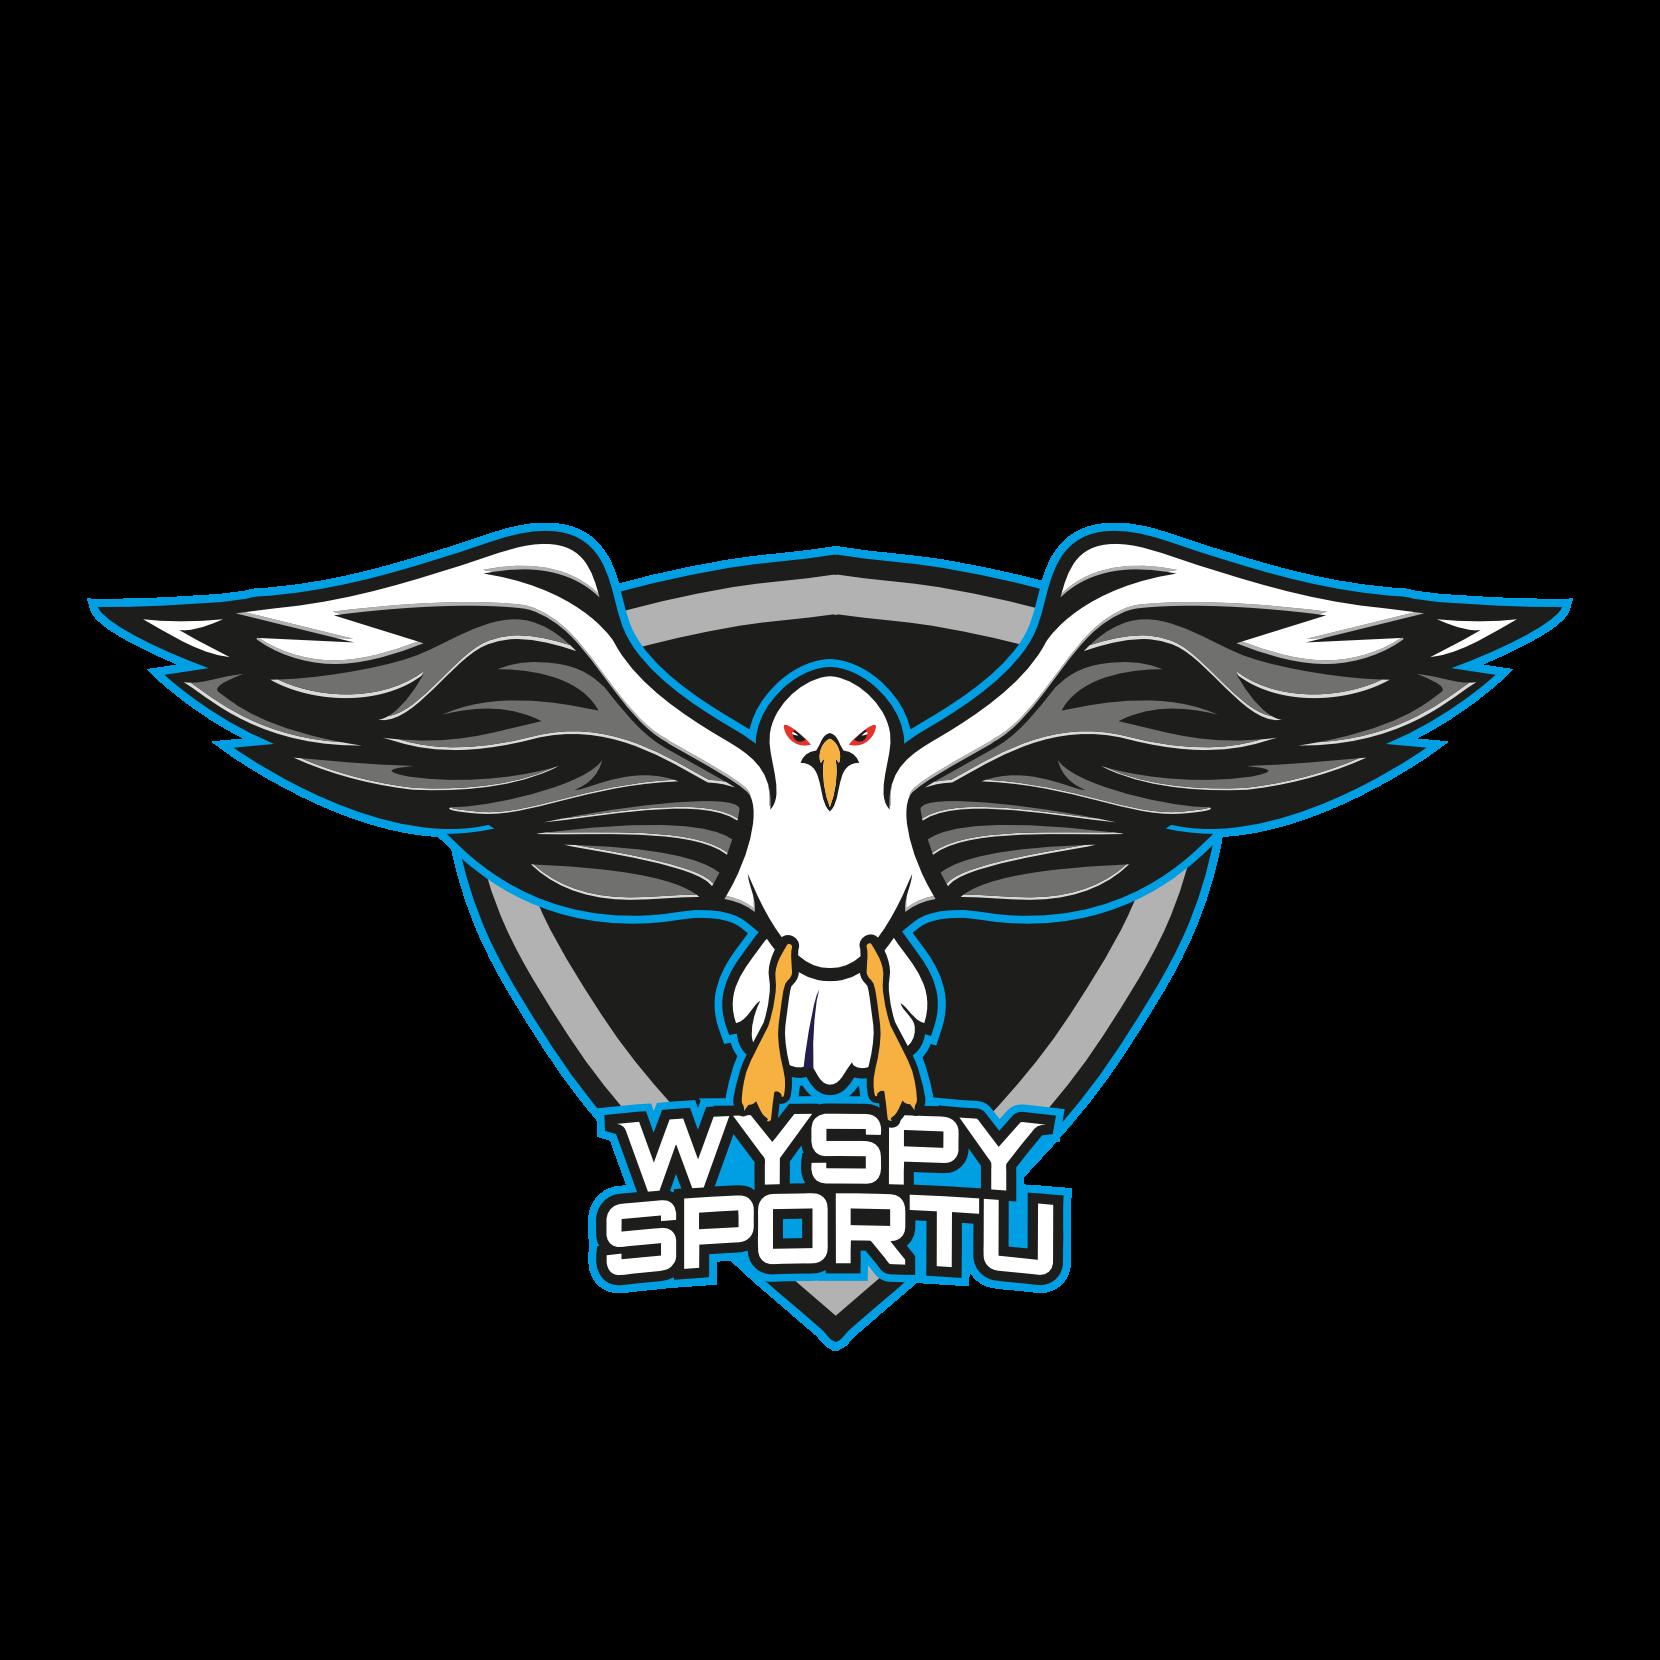 Wyspy Sportu